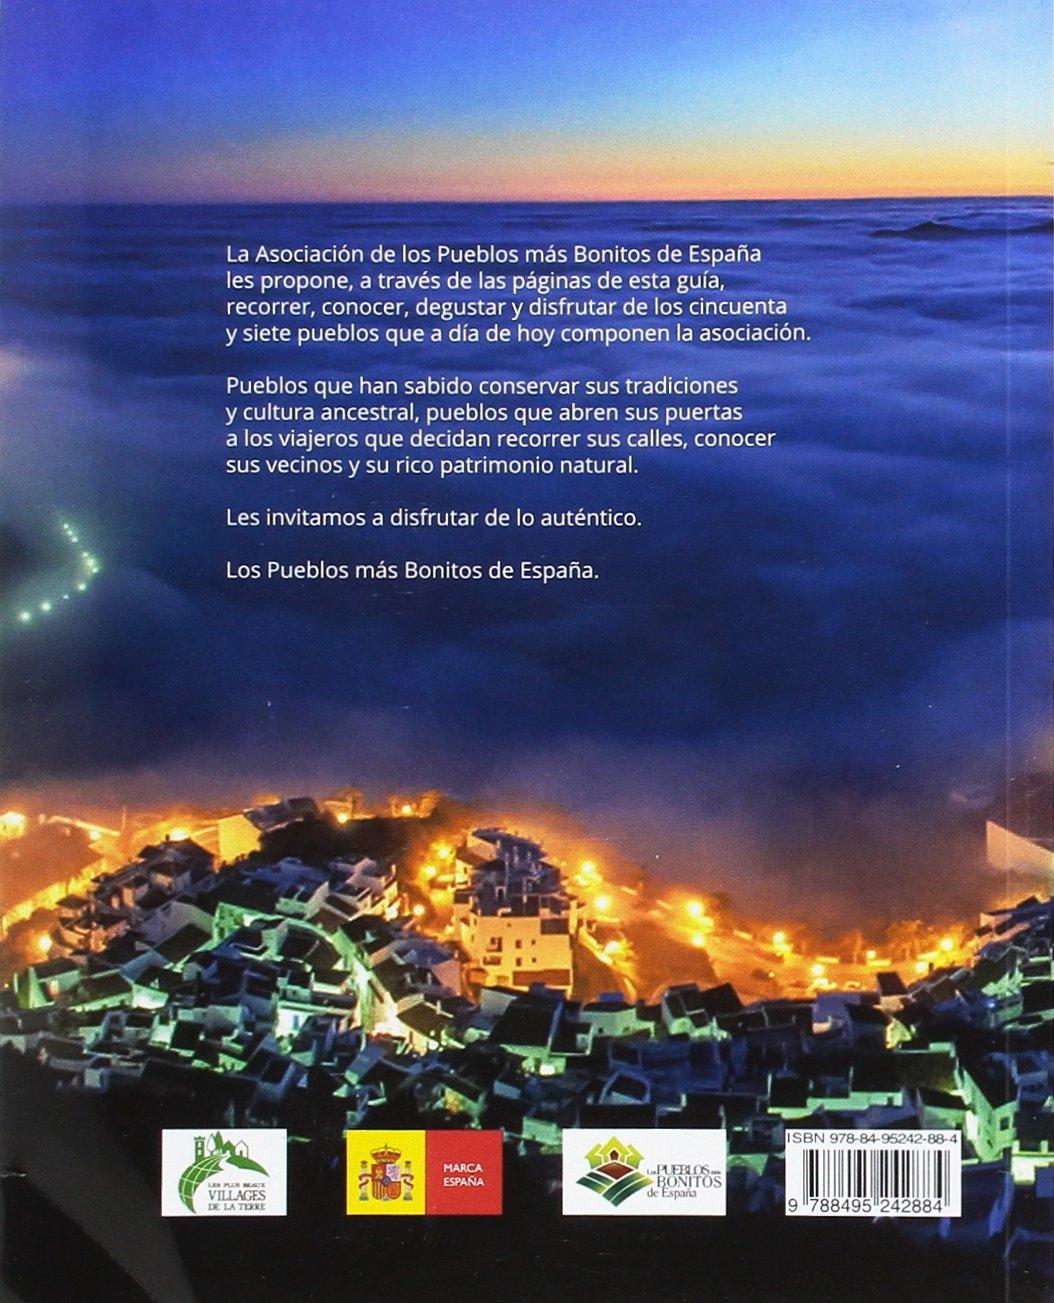 Pueblos más bonitos de España 2017, Los: Amazon.es: Aa.Vv.: Libros